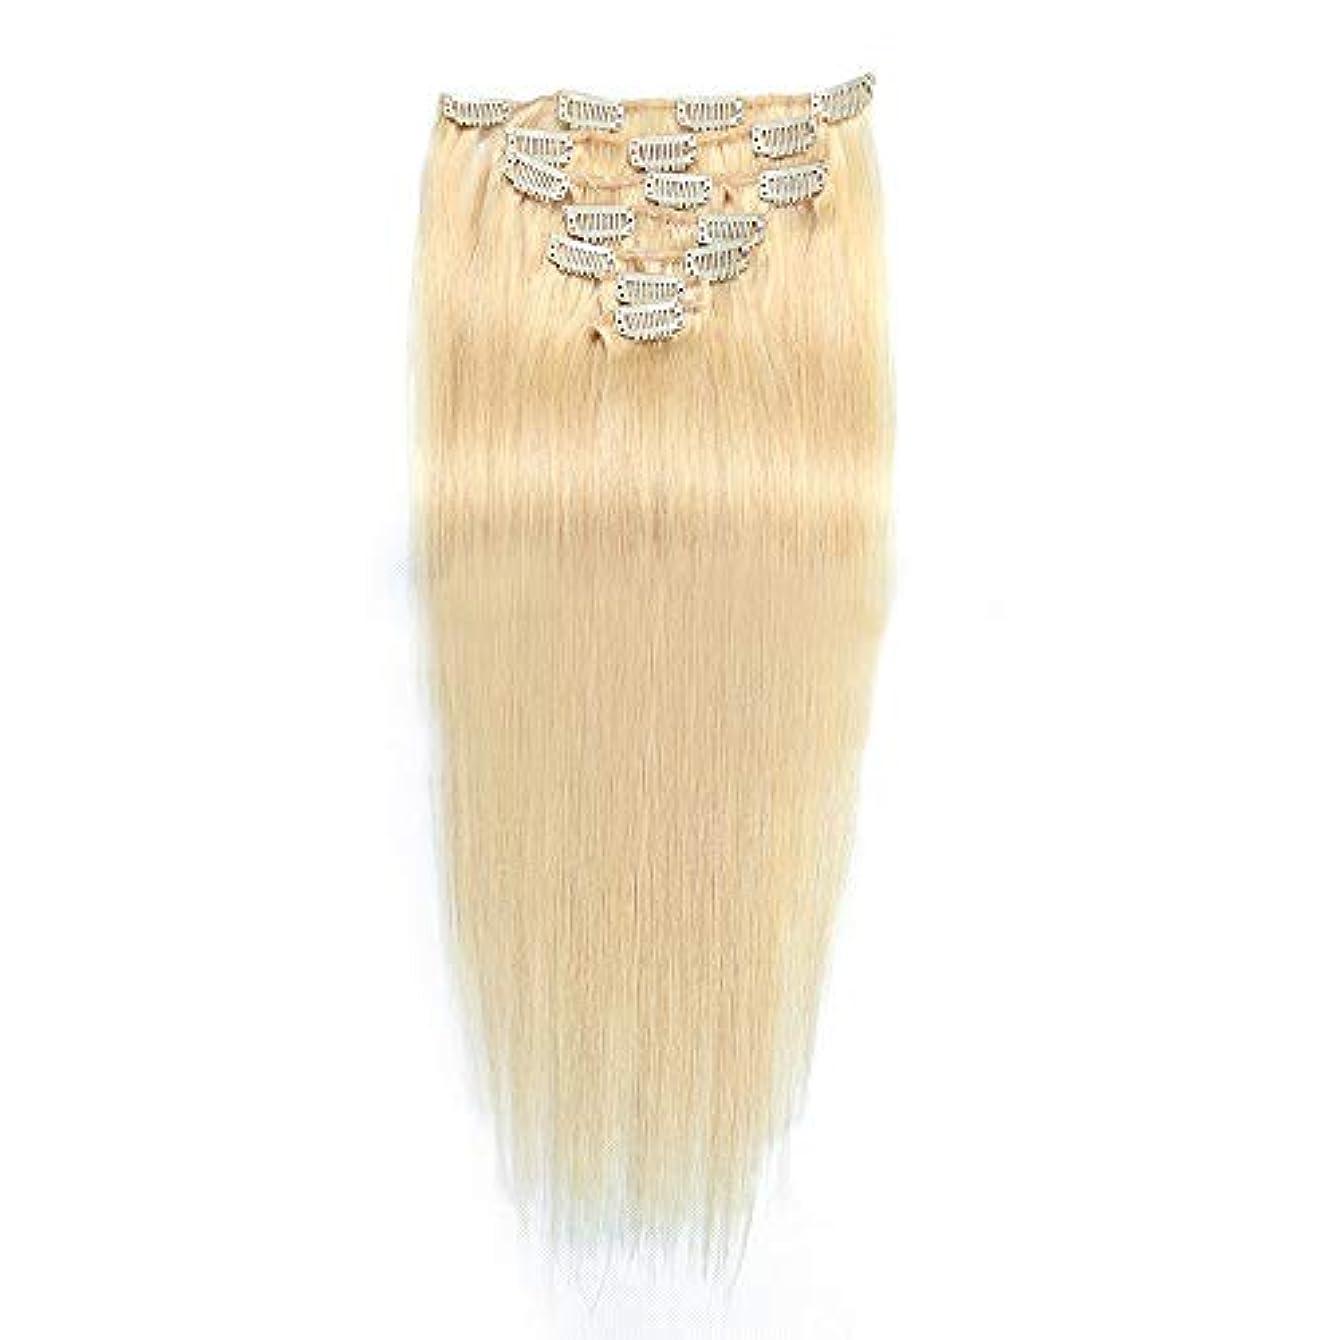 最小化する密輸業界HOHYLLYA 20インチ70グラムクリップインヘアエクステンション人間の髪の毛#24ライトブロンド7個フルヘッドストレートロールプレイングかつら女性のかつら (色 : #24 light blonde)